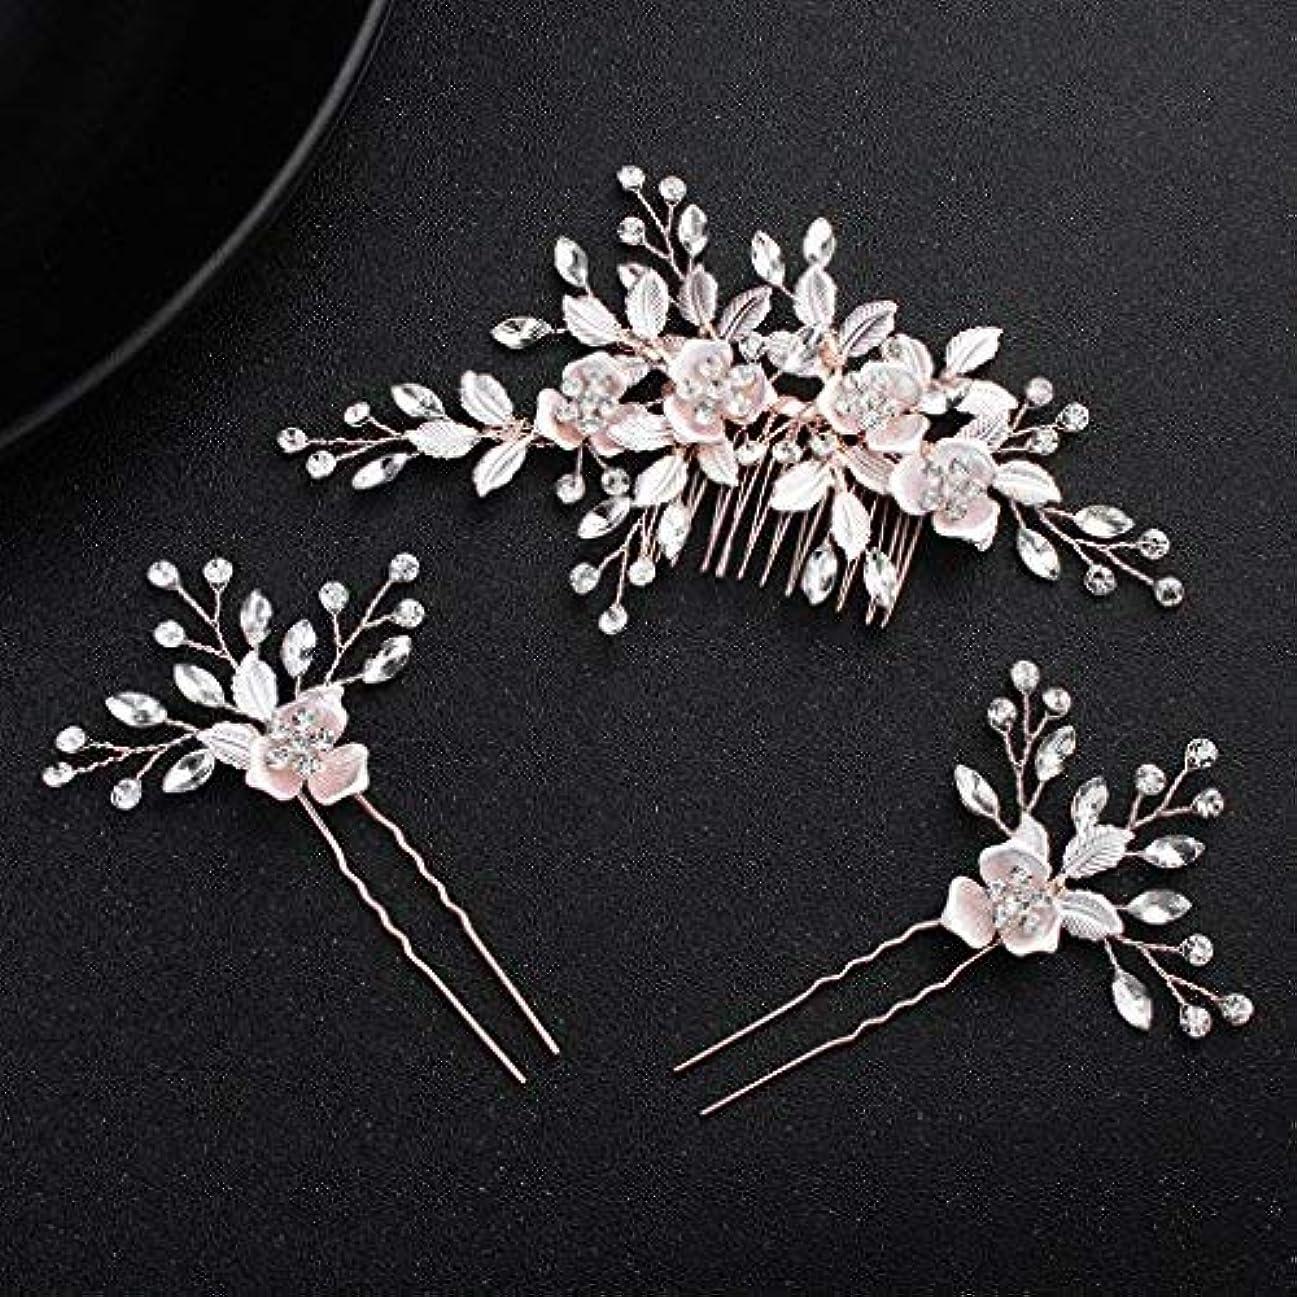 議論する不良品状態obqoo Crystal Flowers Style Colorful Leaves Metal Bridal Hair Comb with 2 pcs Pins Rose Gold [並行輸入品]